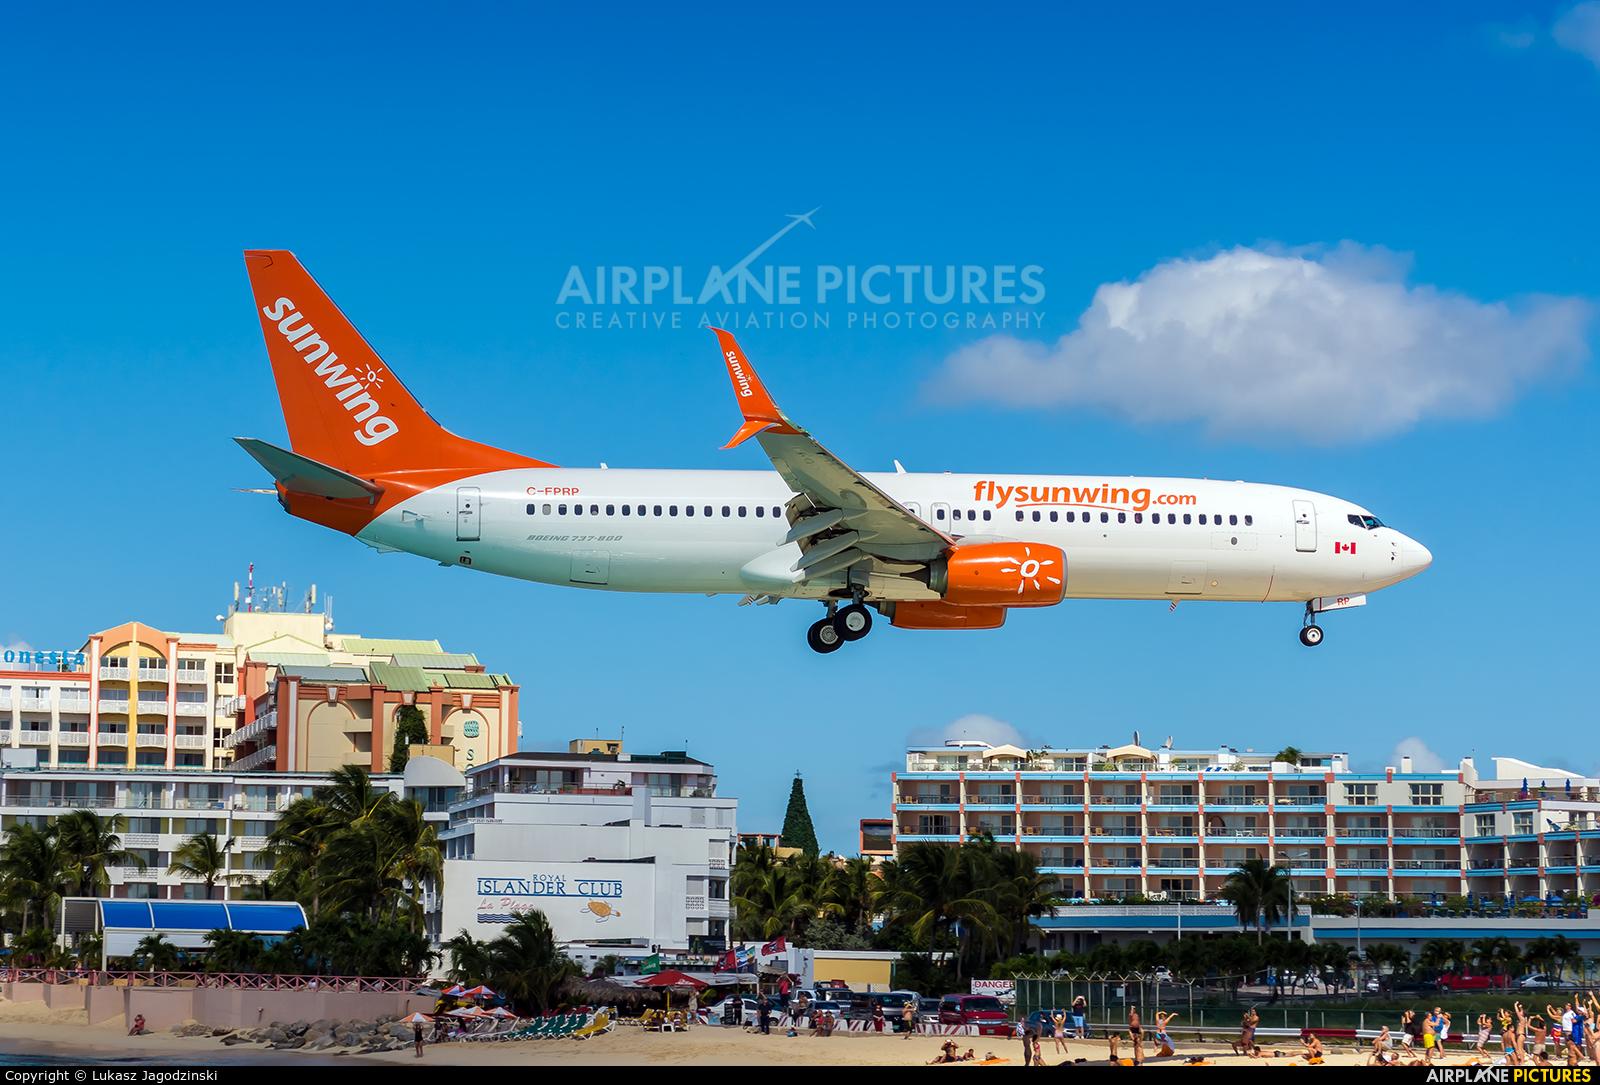 Sunwing Airlines C-FPRP aircraft at Sint Maarten - Princess Juliana Intl